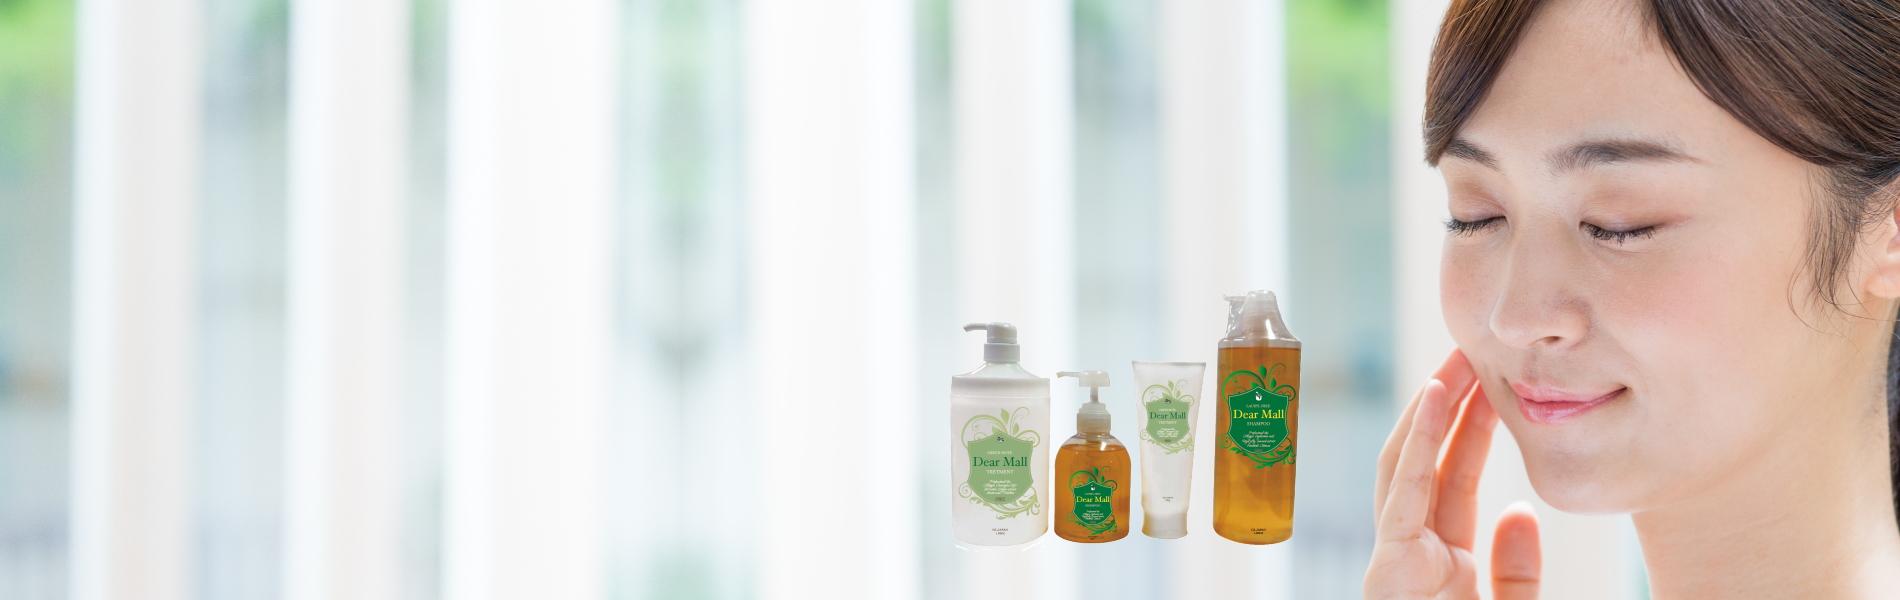 株式会社オースリージャパンは、美容材料卸売(ディーラー)・美容室経営などを専門とする総合美容商社です